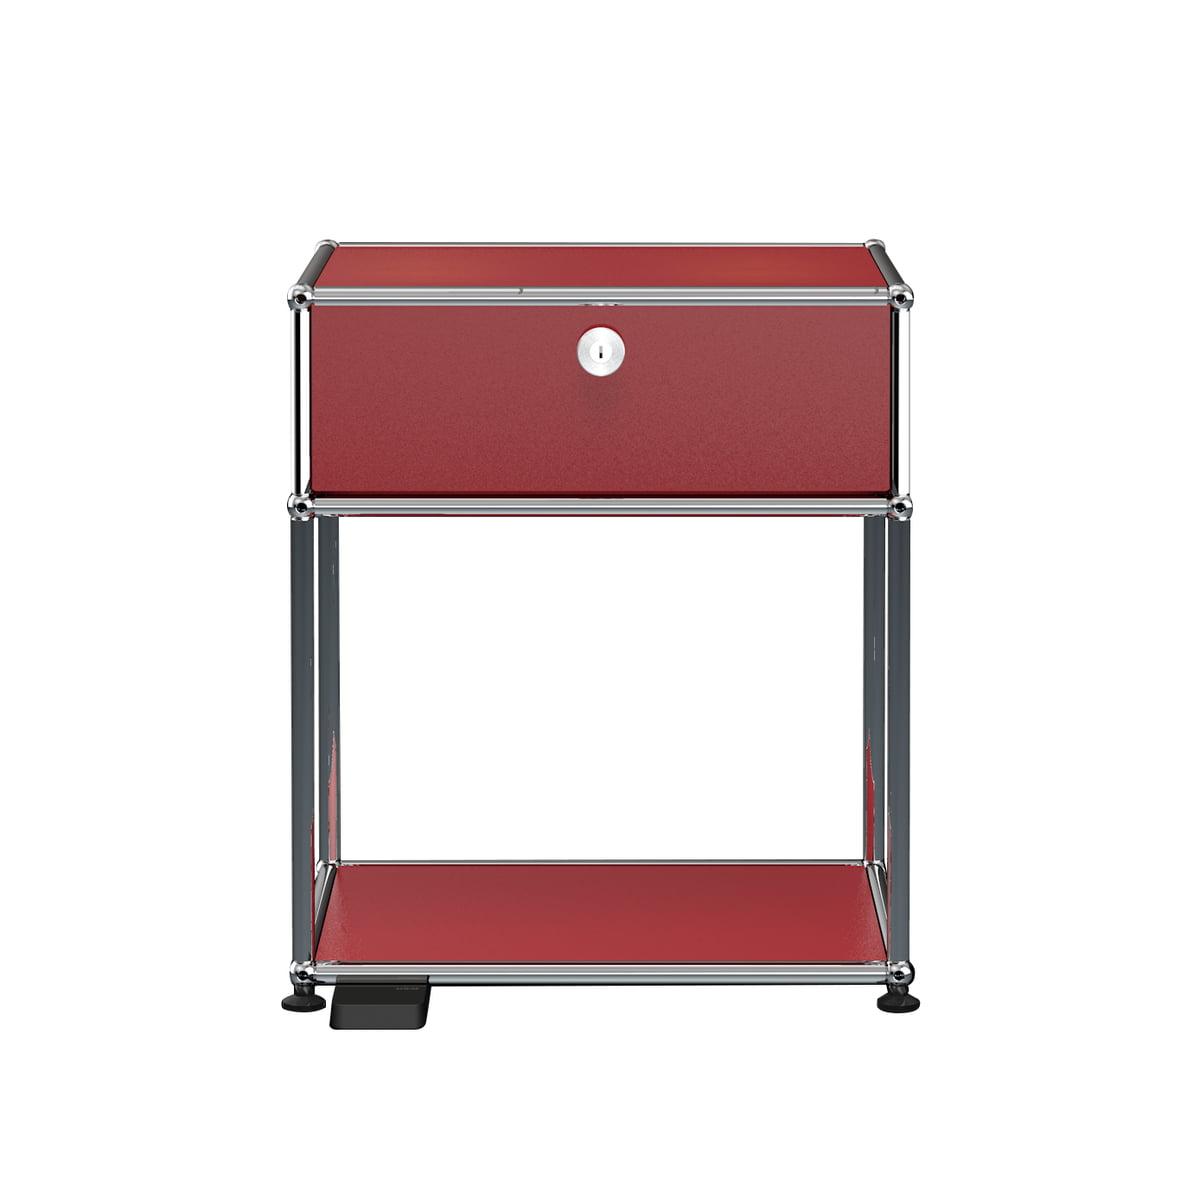 USM Haller E - Nachttisch mit Klapptür und dimmbarem Licht, USM rubinrot   Schlafzimmer > Nachttische   Rubinrot   USM